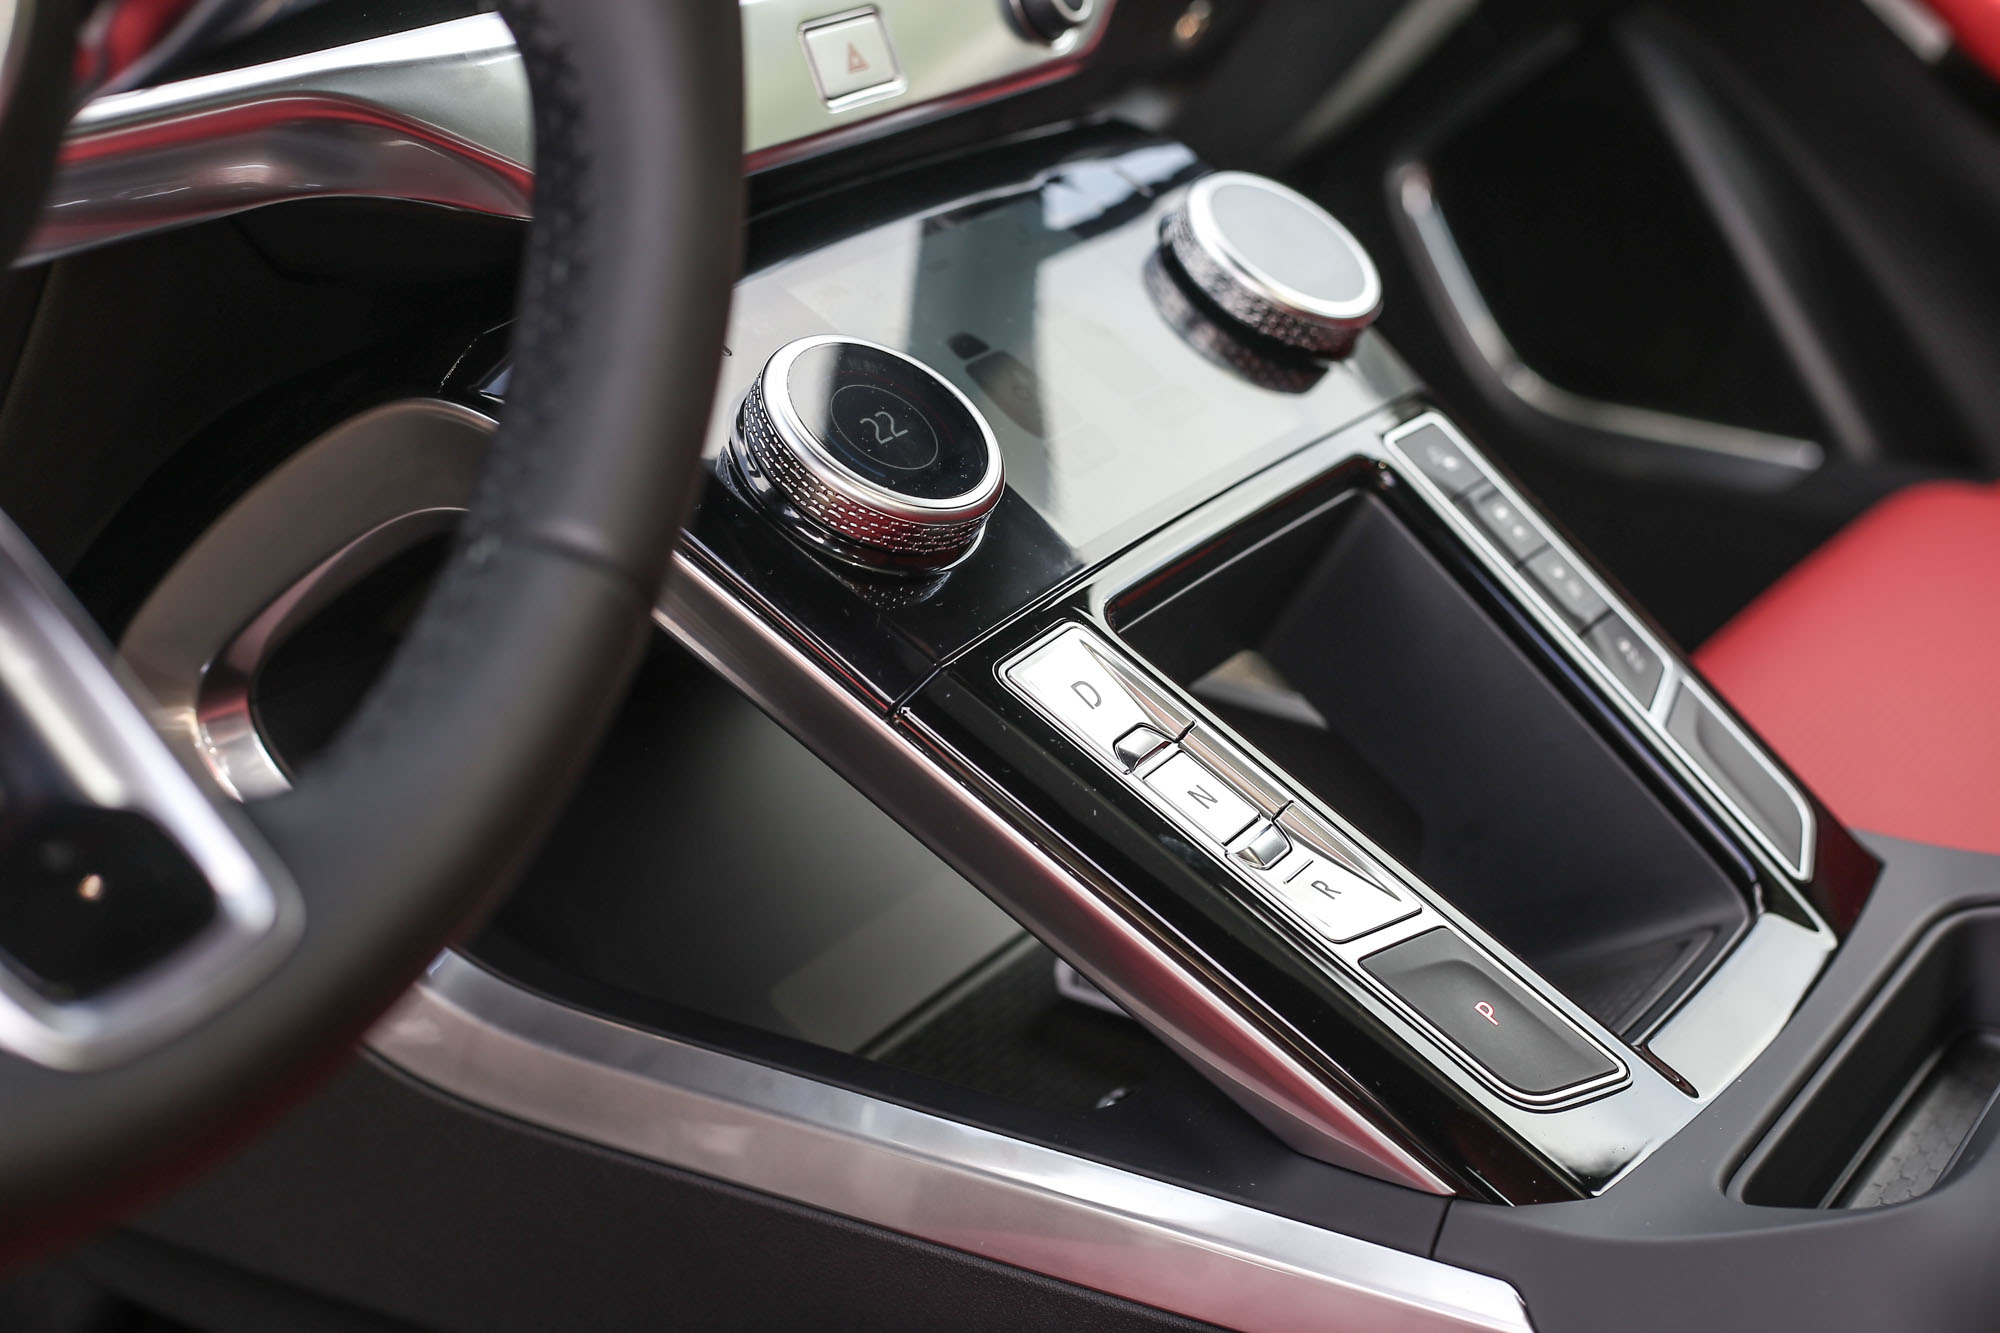 中控台的 10 吋螢幕與下方的 5 吋螢幕組成 Touch Pro Duo 觸控介面,操作邏輯上需要時間適應,但呈現的畫面質感相當出色。